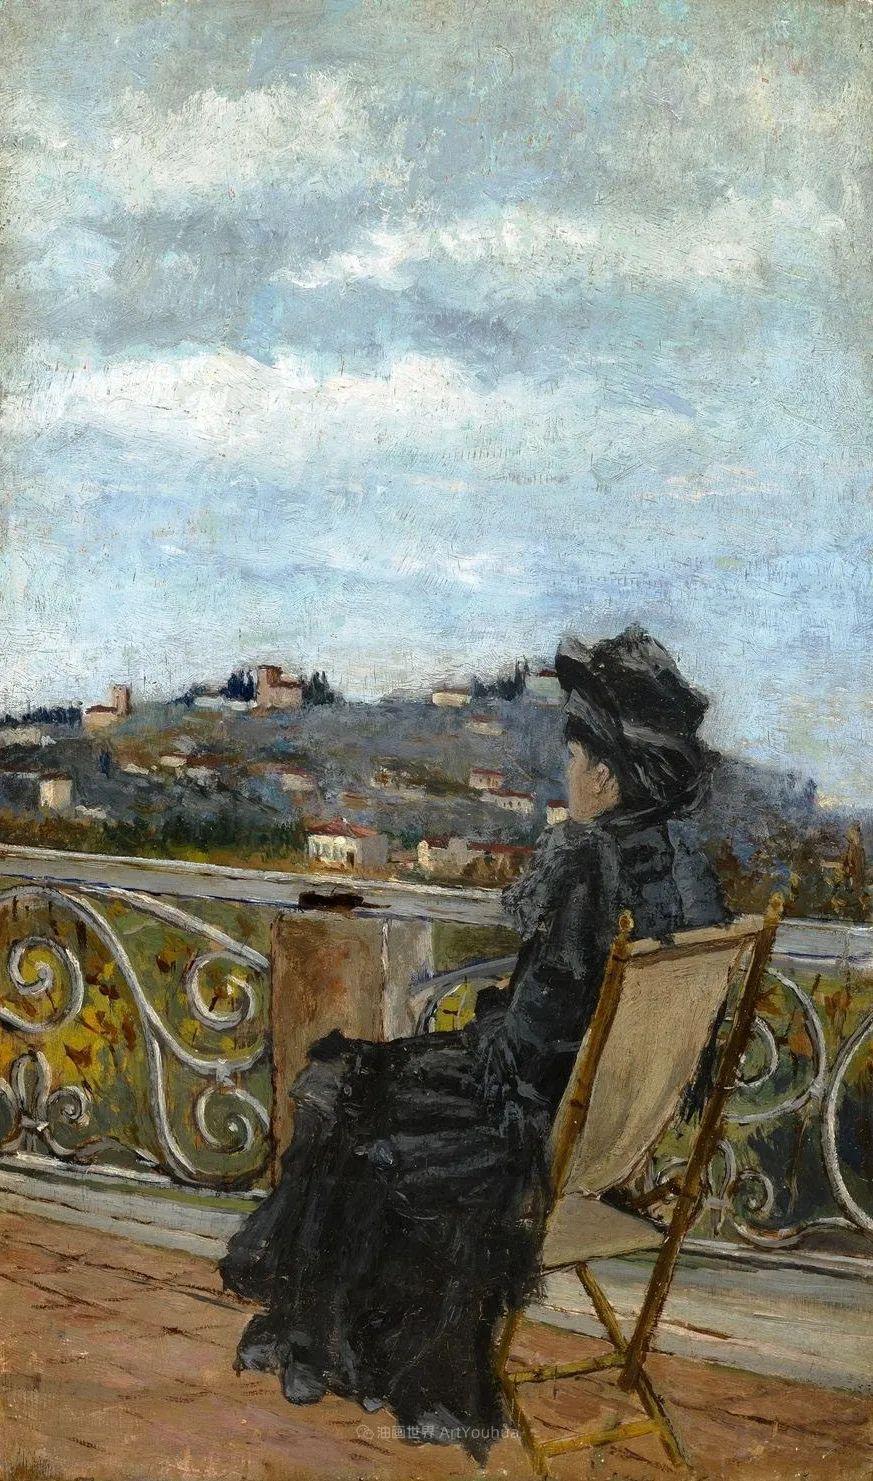 后斑痕画派的著名代表,意大利画家乌尔维·利吉插图21